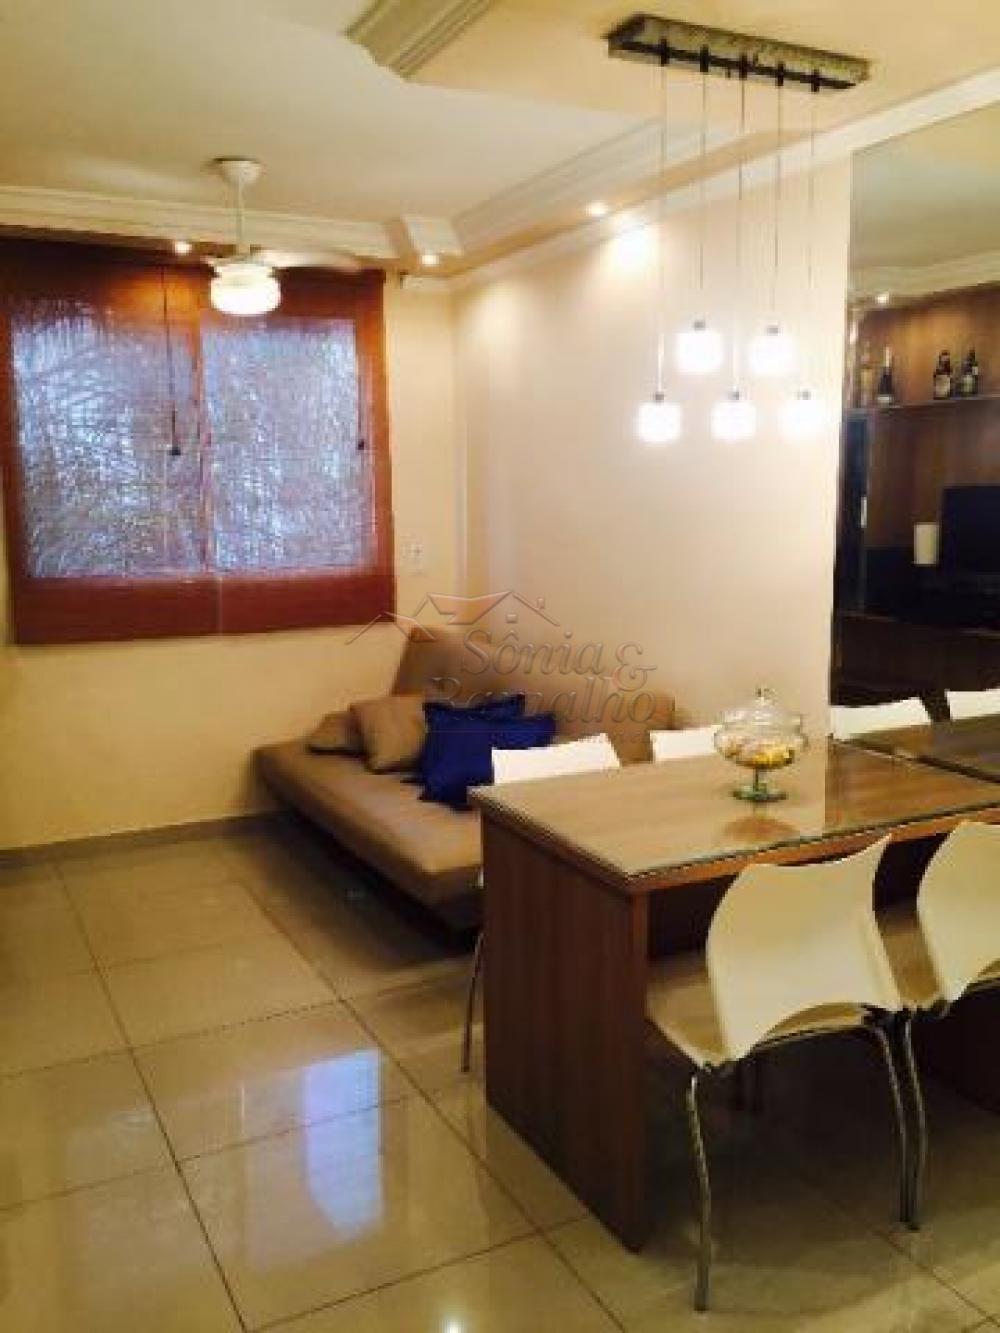 Comprar Apartamentos / Padrão em Ribeirão Preto apenas R$ 195.000,00 - Foto 5